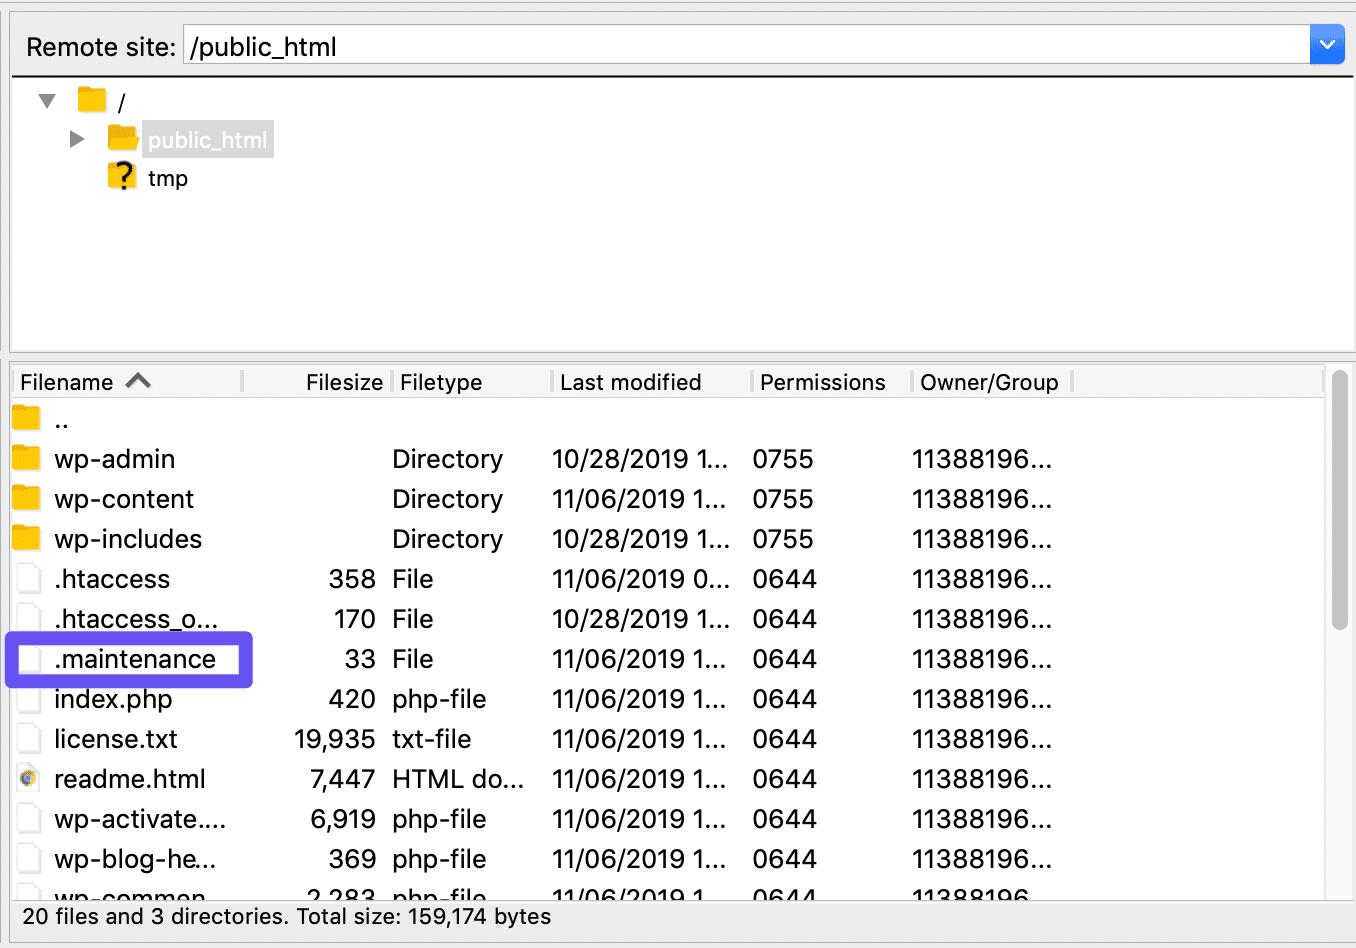 Il file .maintenance in FileZilla